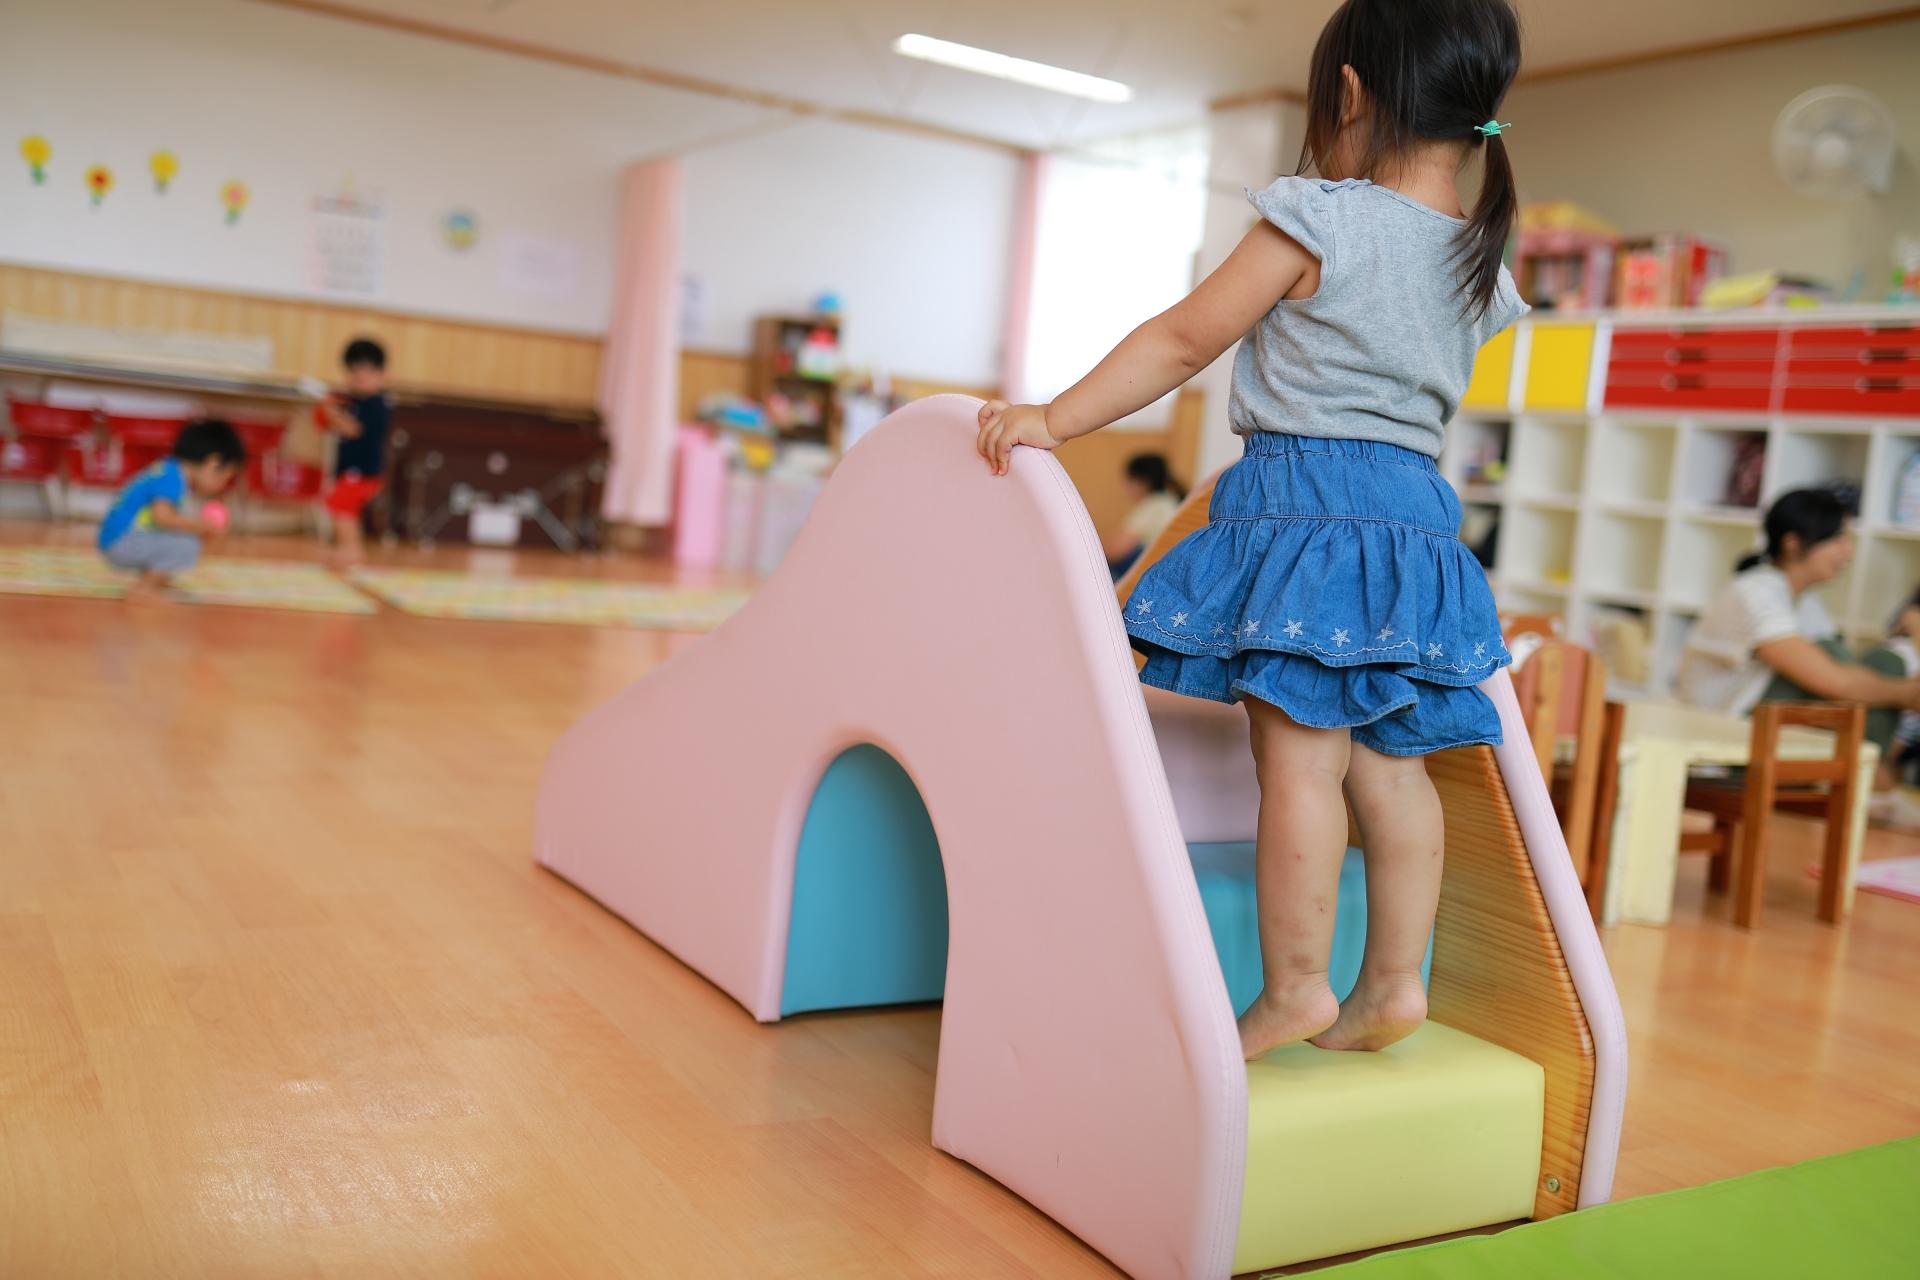 日本 幼保無償化法案 閣議決定